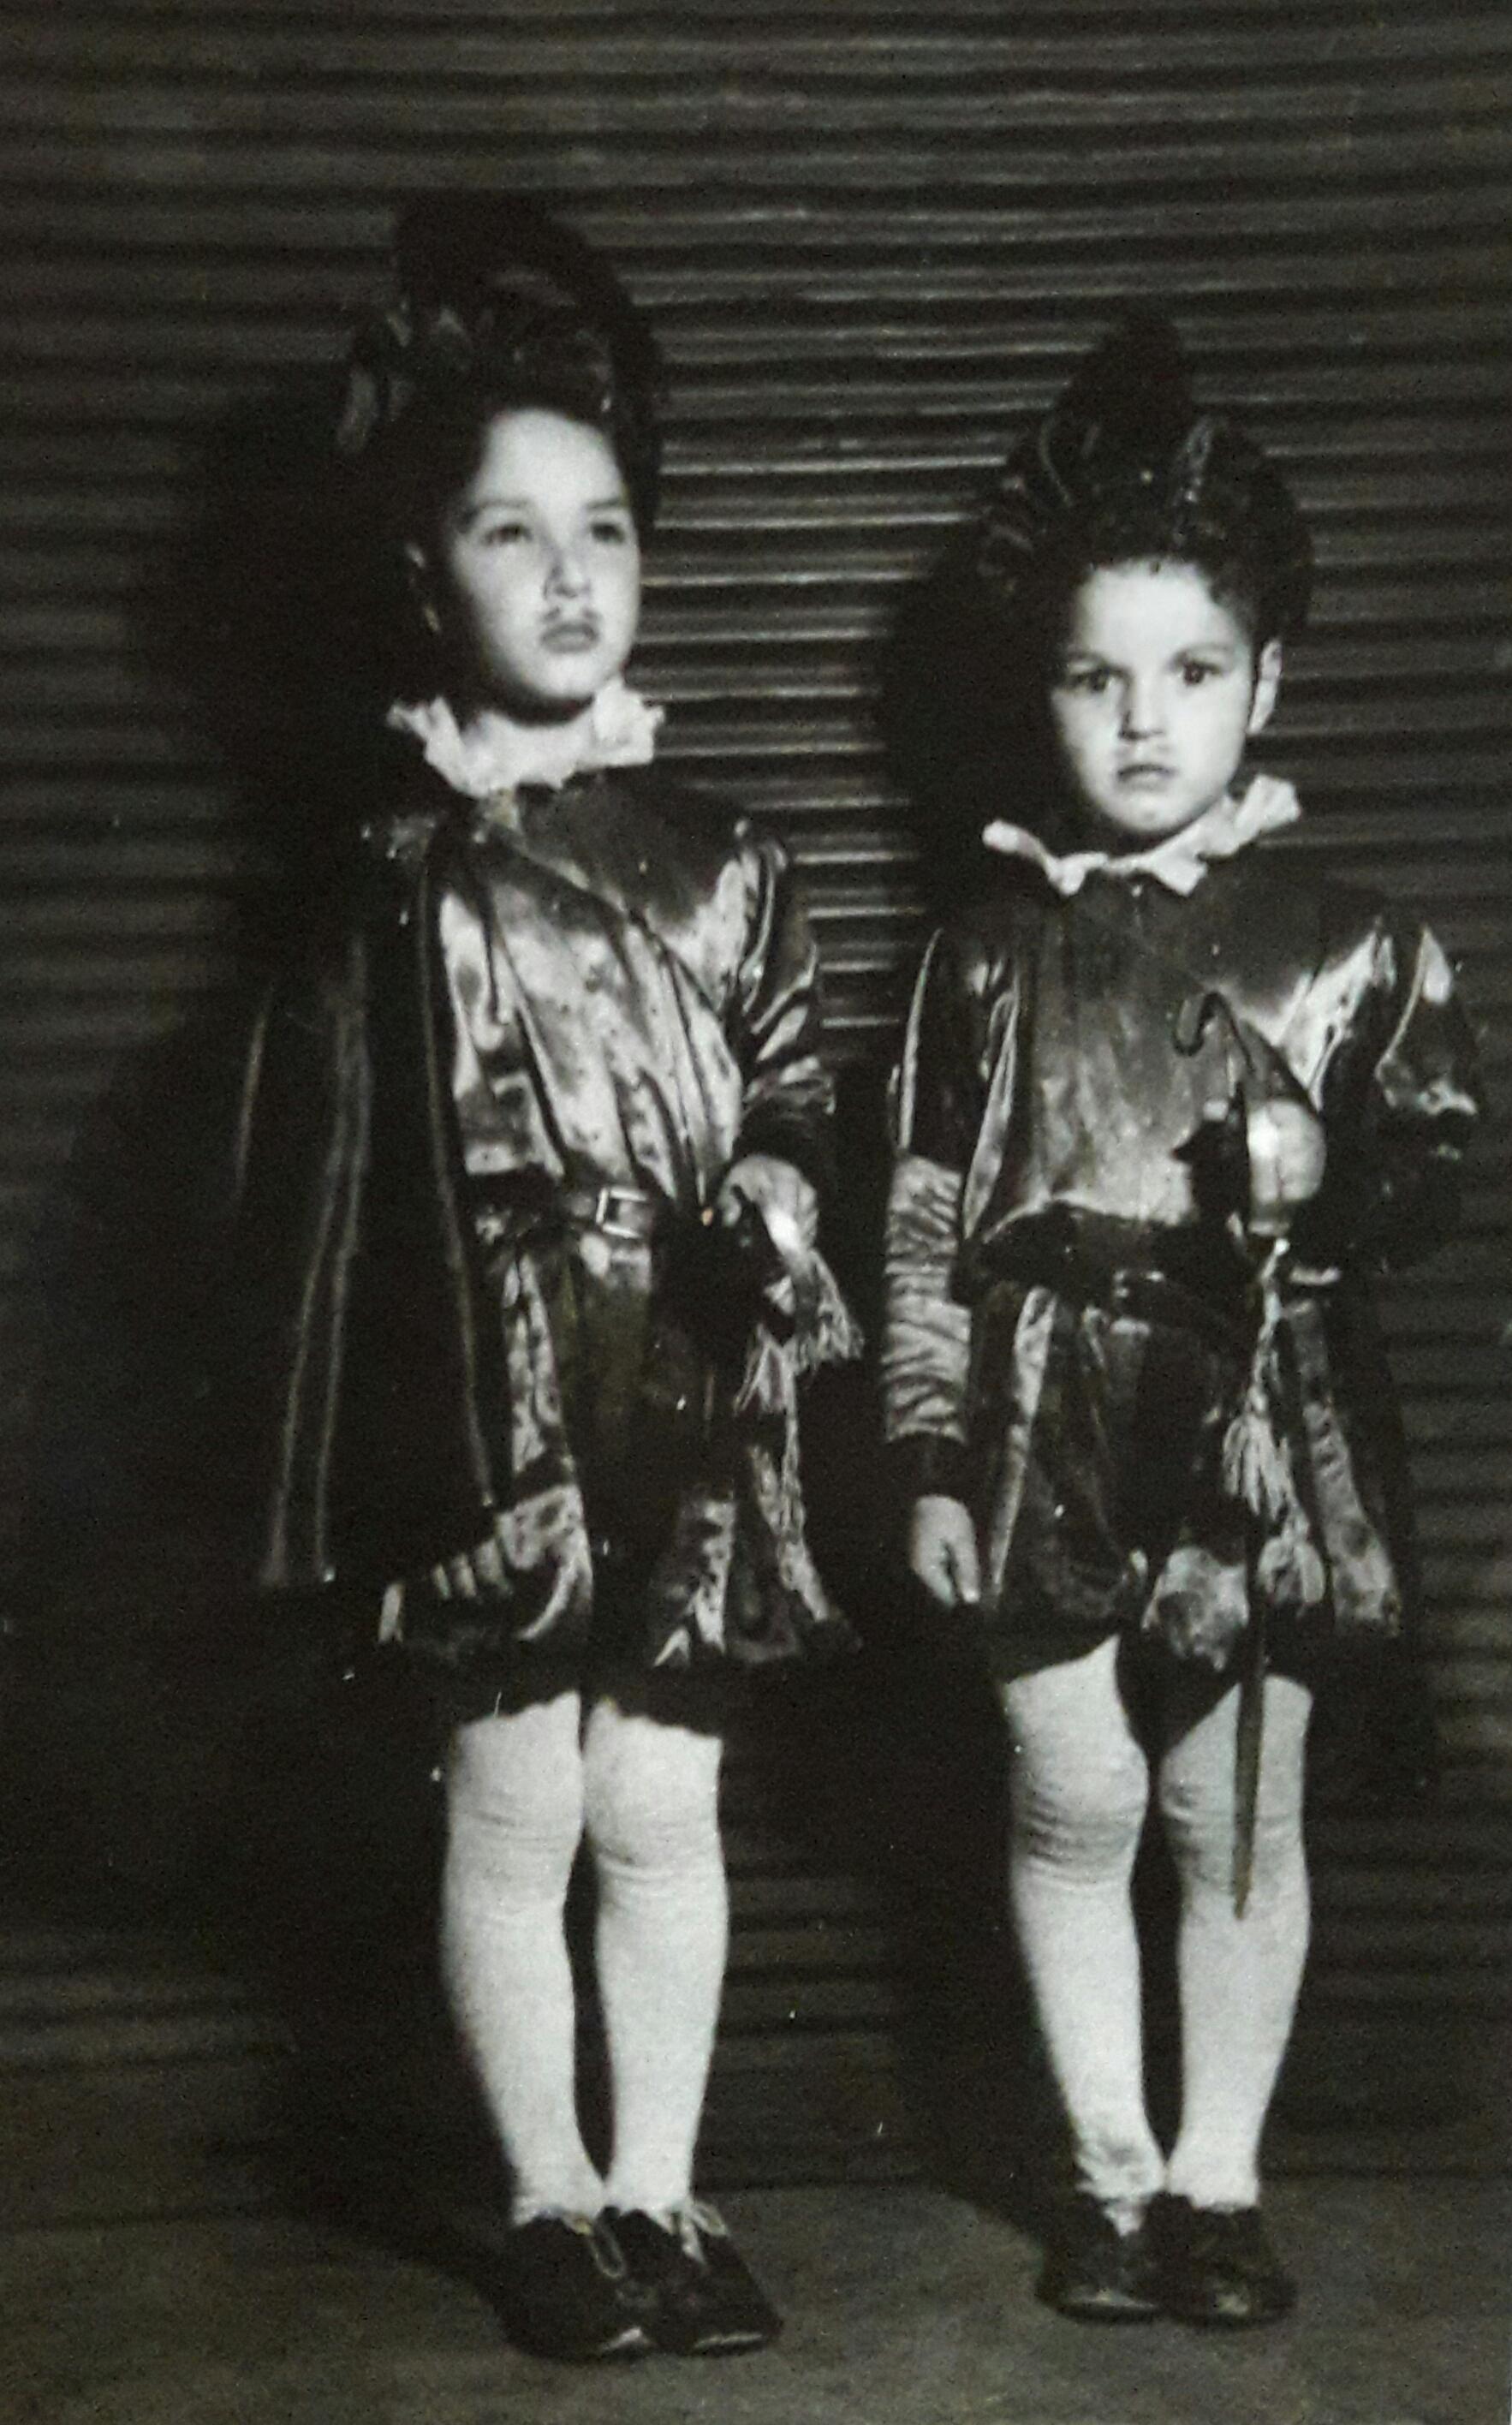 Enterreno - Fotos históricas de chile - fotos antiguas de Chile - Celebración yugoslava en Santiago, 1950